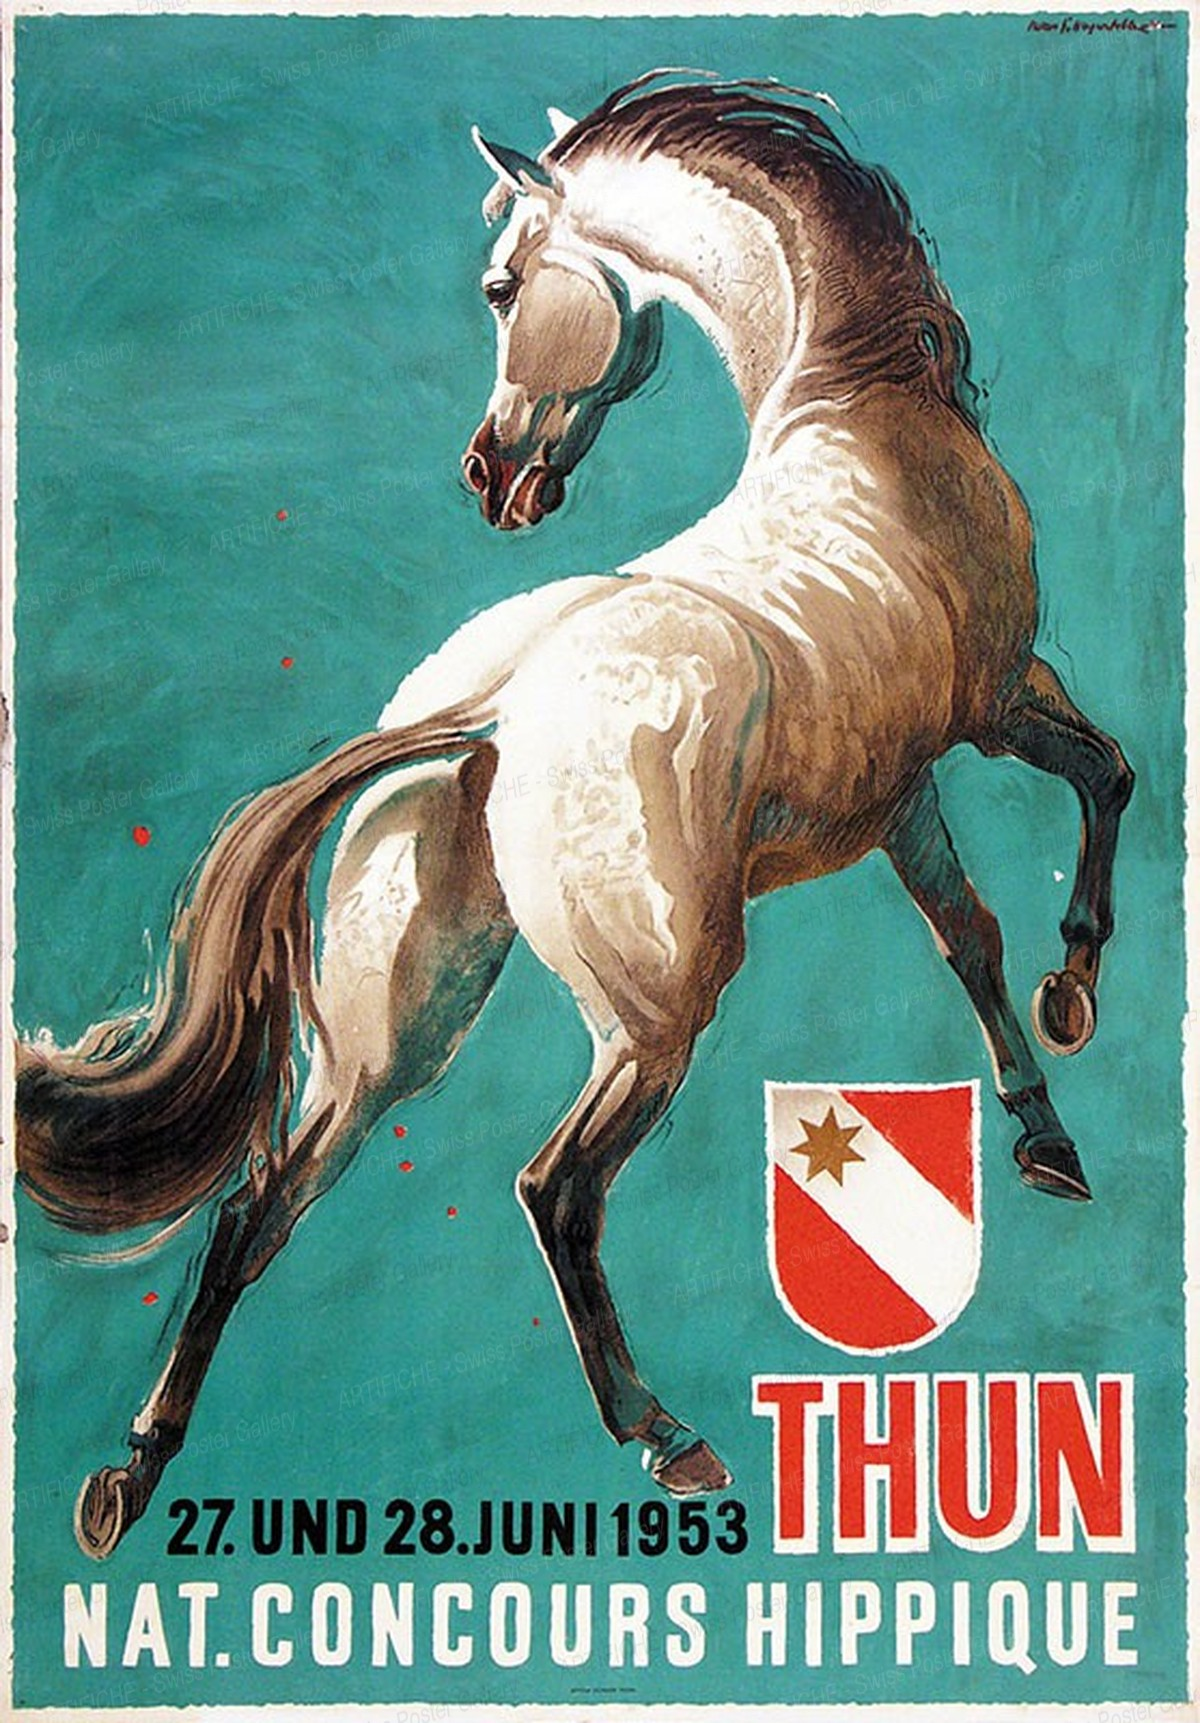 Thun Concours Hippique, Iwan Edwin Hugentobler